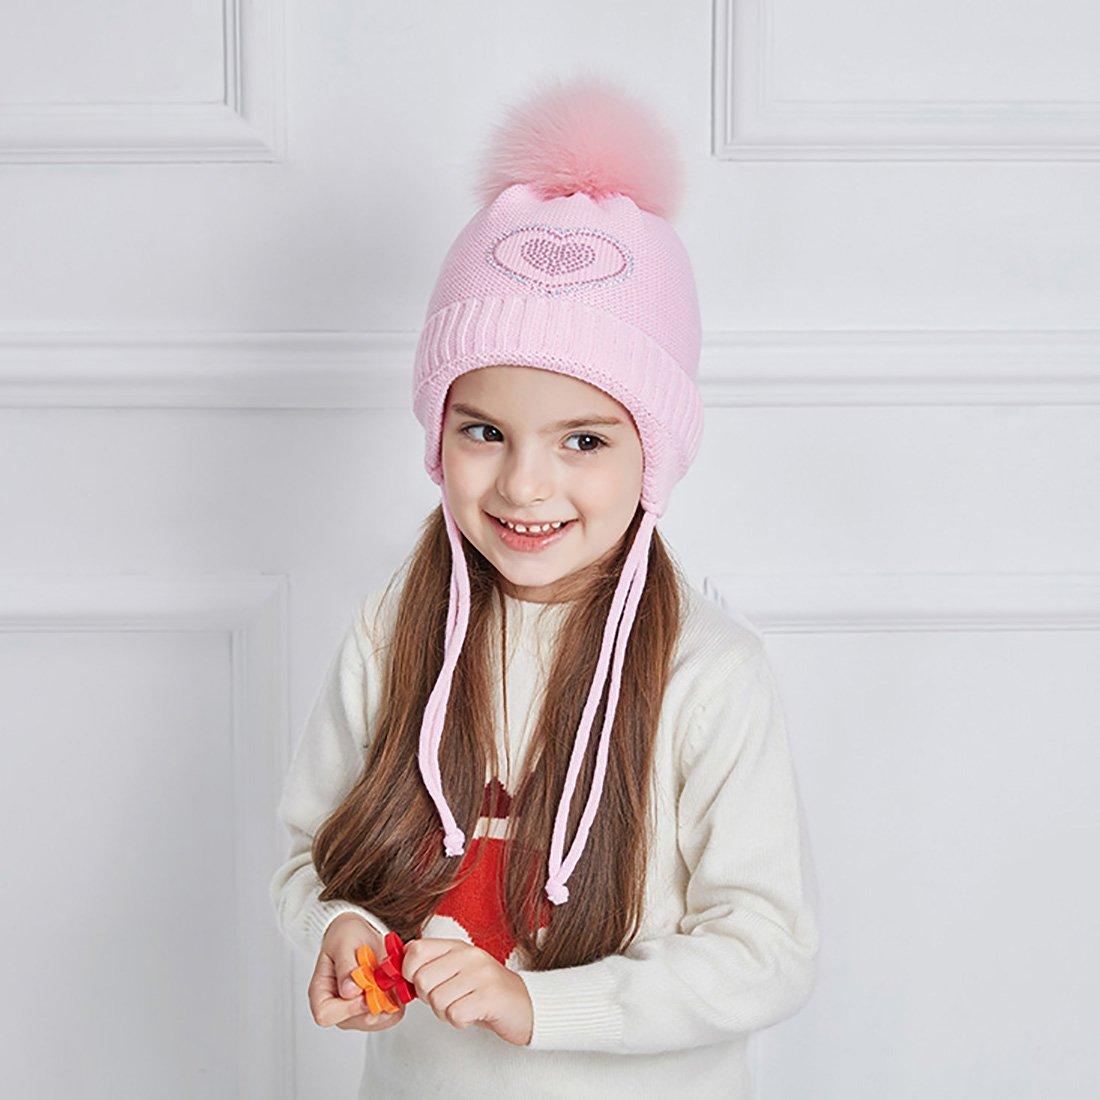 7e314e7f6ddb URSFUR Mignon Bonnet Tricot à Cache Oreilles Pompon Fourrure Chapeau Bonnet  Beanies Bébé Fille Enfant Hiver Cap rose  Amazon.fr  Vêtements et  accessoires